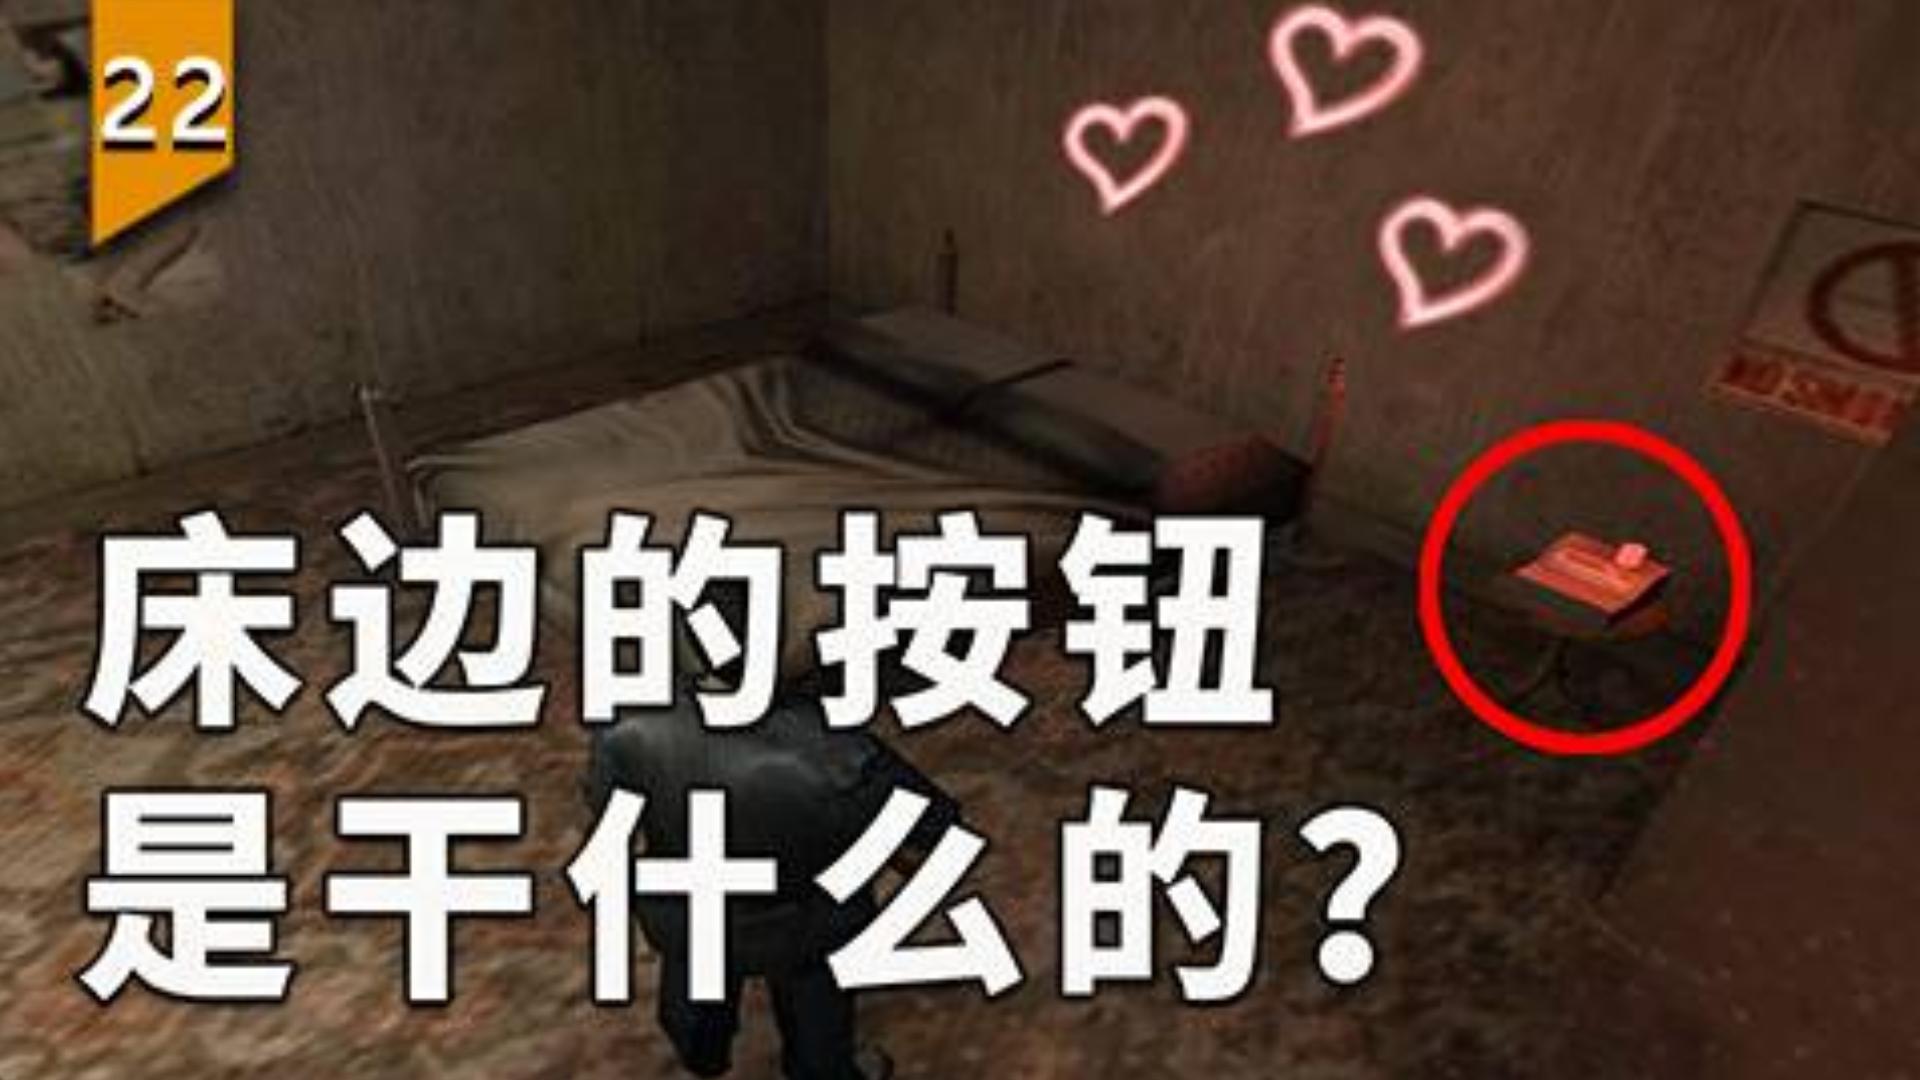 这床边的按钮是干什么的?〖游戏不止〗